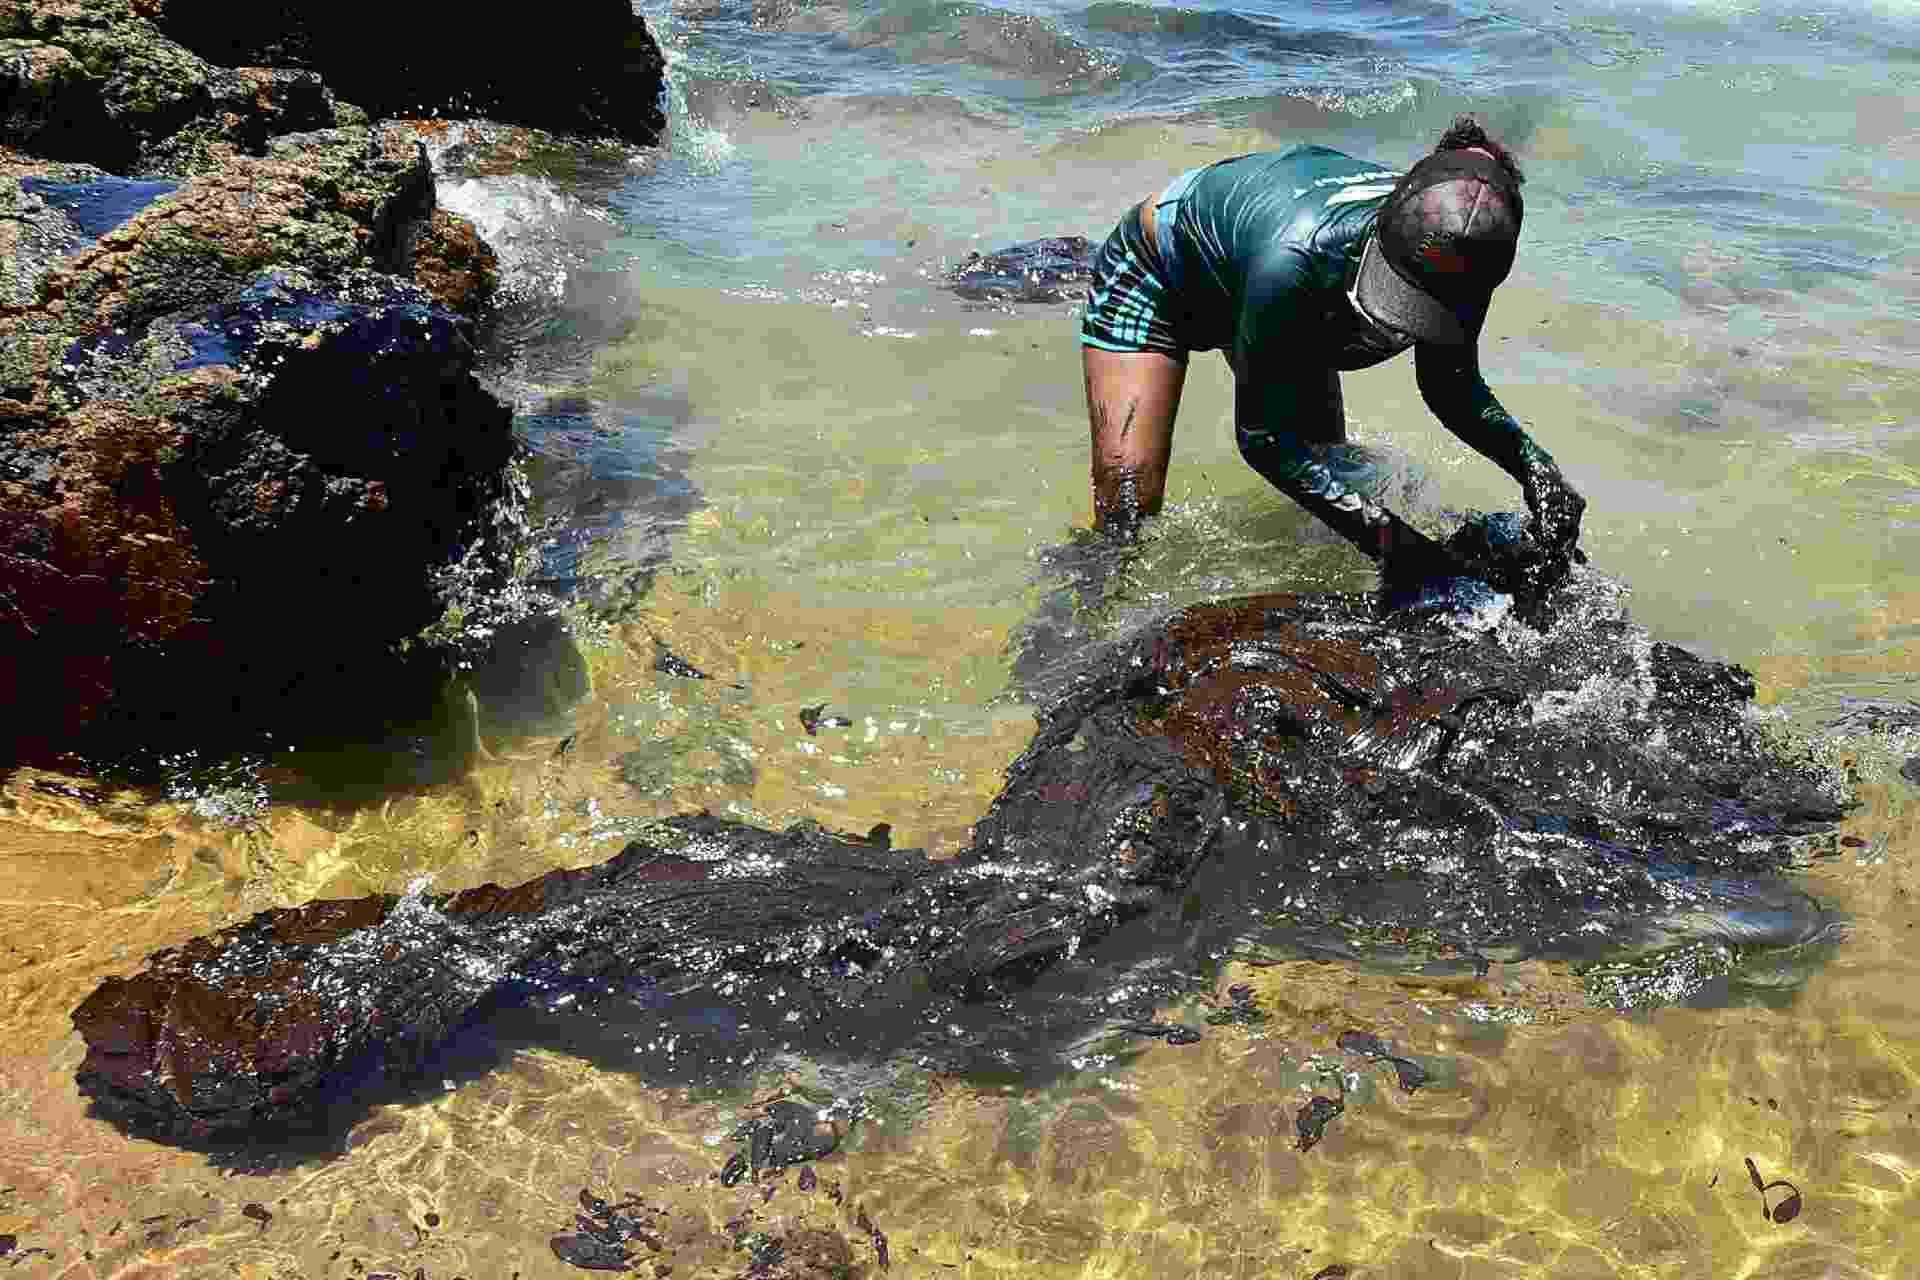 Voluntários e operários fazem limpeza de mancha de óleo que chegam às praias de Itapuama e praia de Xareu em Cabo de Santo Agostinho, litoral sul de Pernambuco, nesta segunda-feira (21) - Ademar Filho/Futura Press